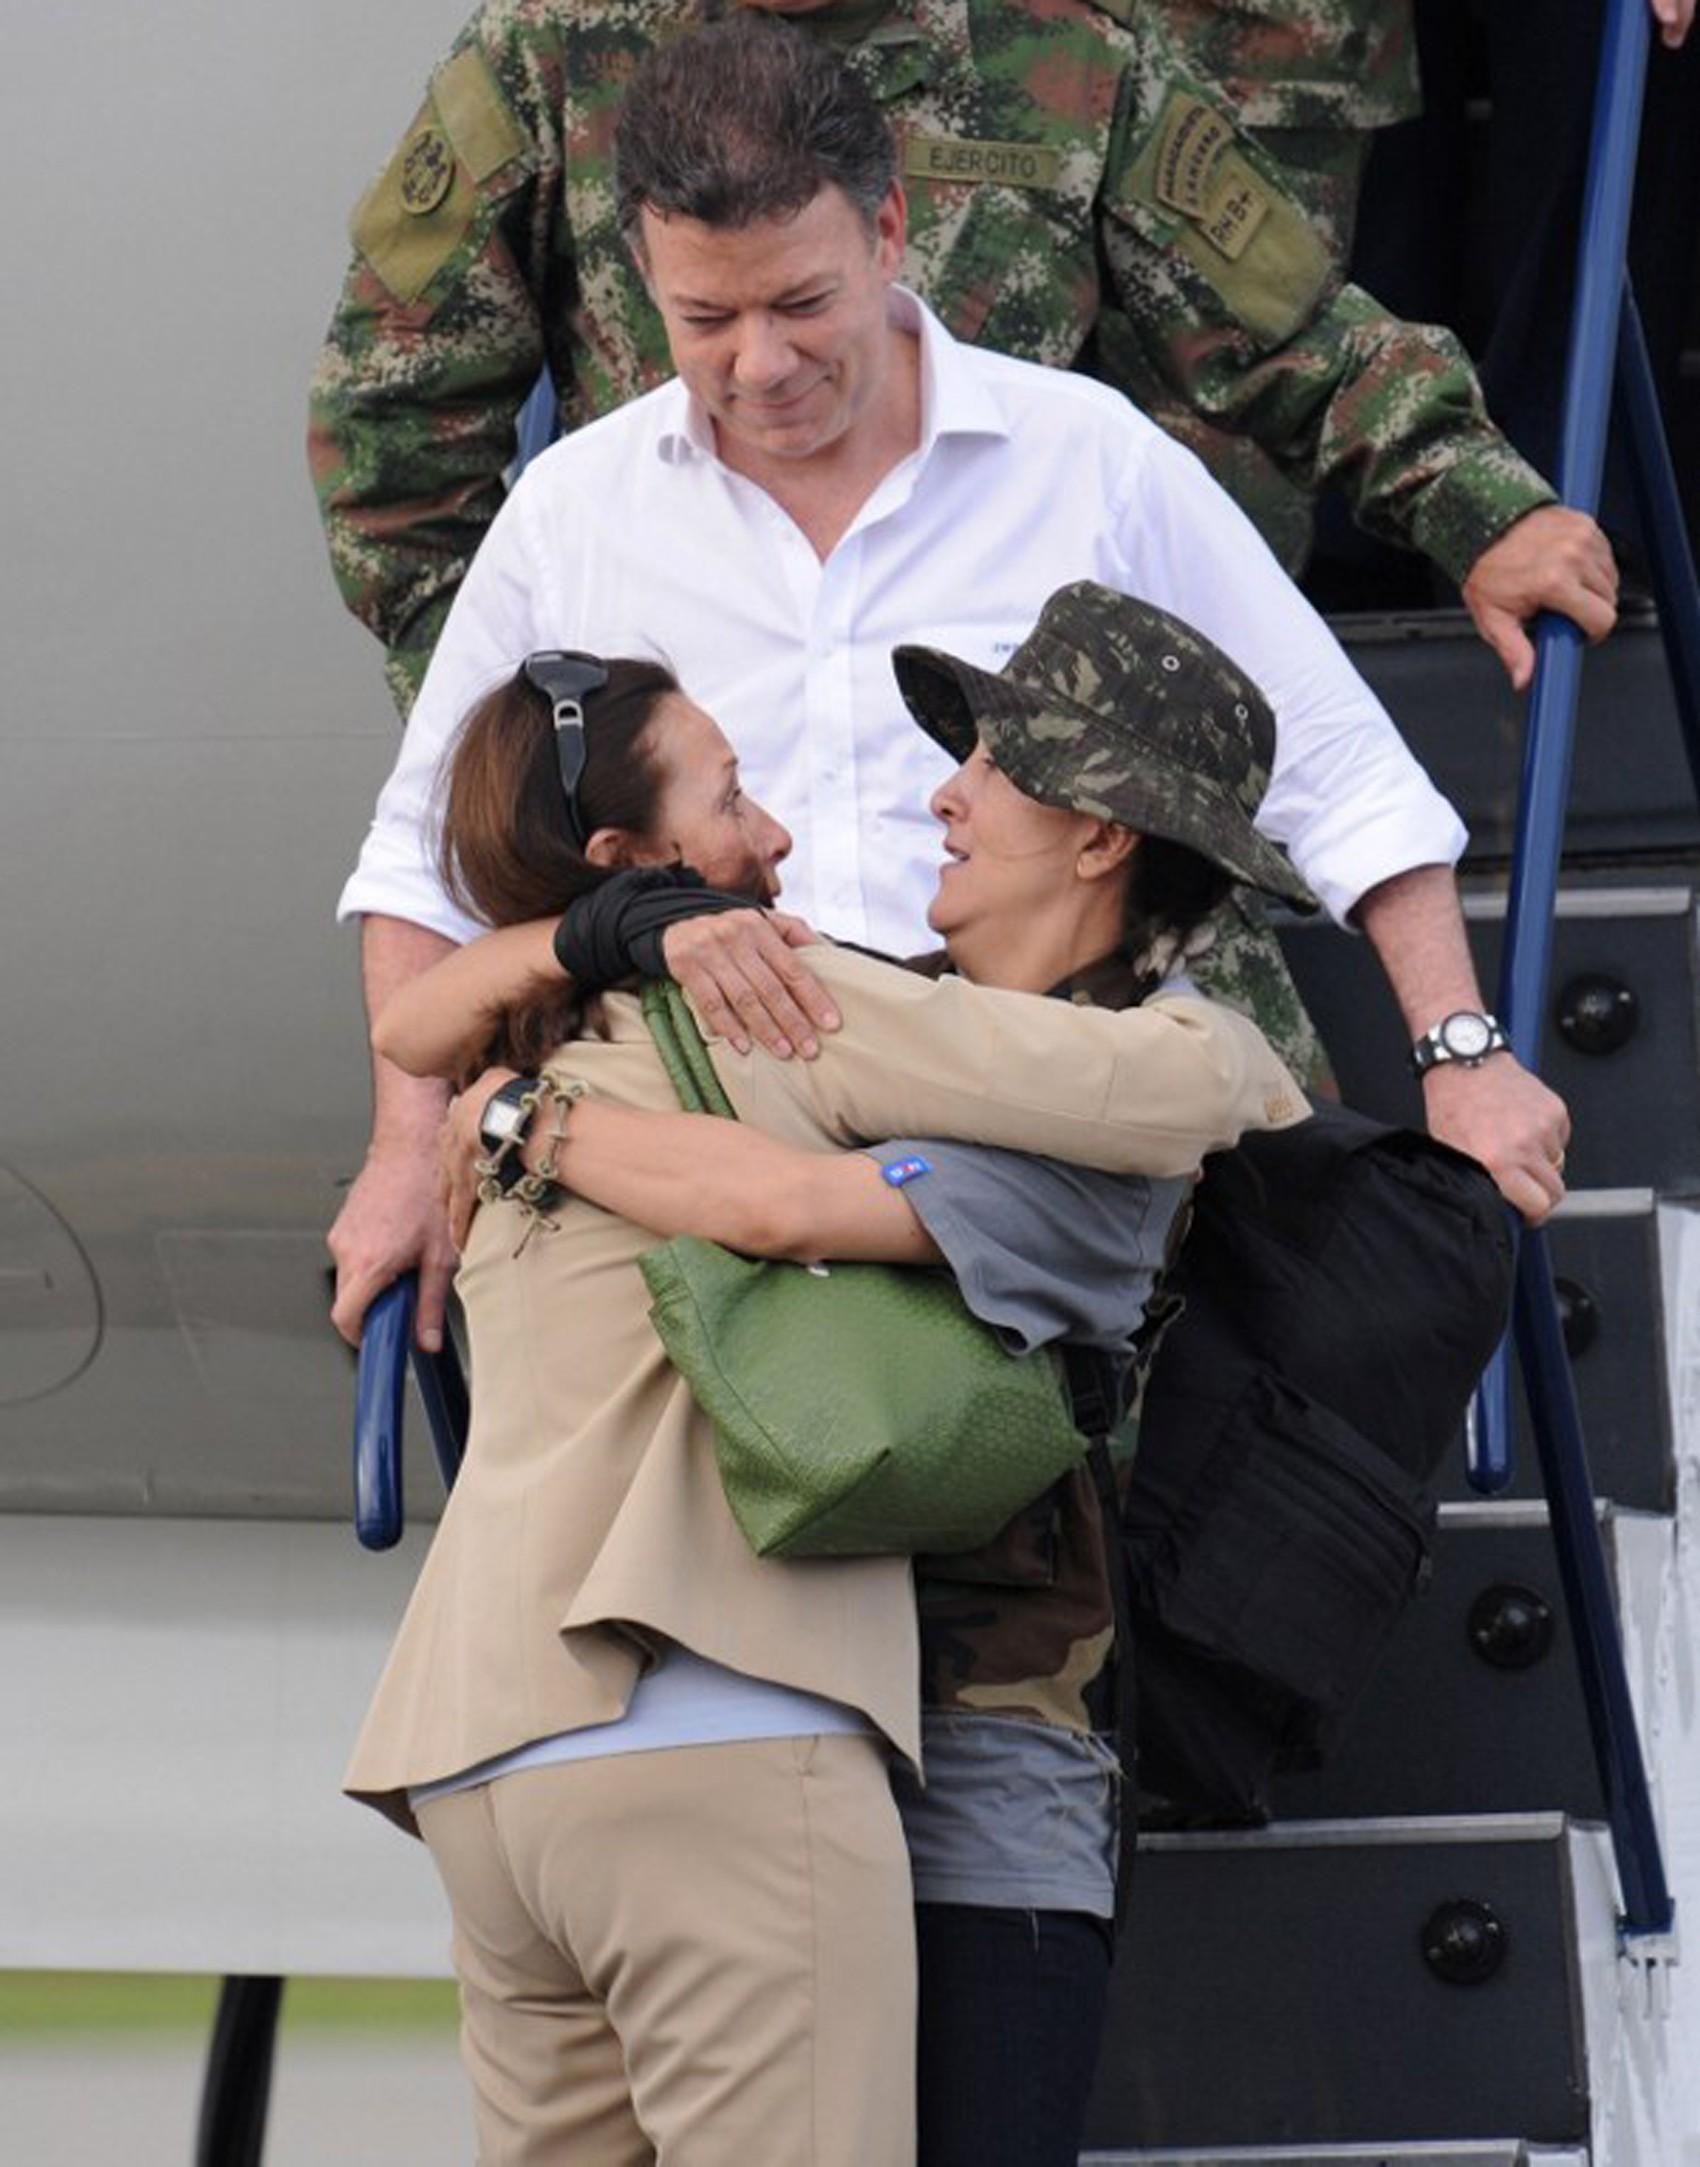 Como ministro da Defesa, Juan Manuel Santos observa a ex-refém das Farc Ingrid Betancourt abraçar a mãe dela,Yolanda Pulecio, em 2 de julho de 2008 (Foto: Rodrigo Arangua / AFP)